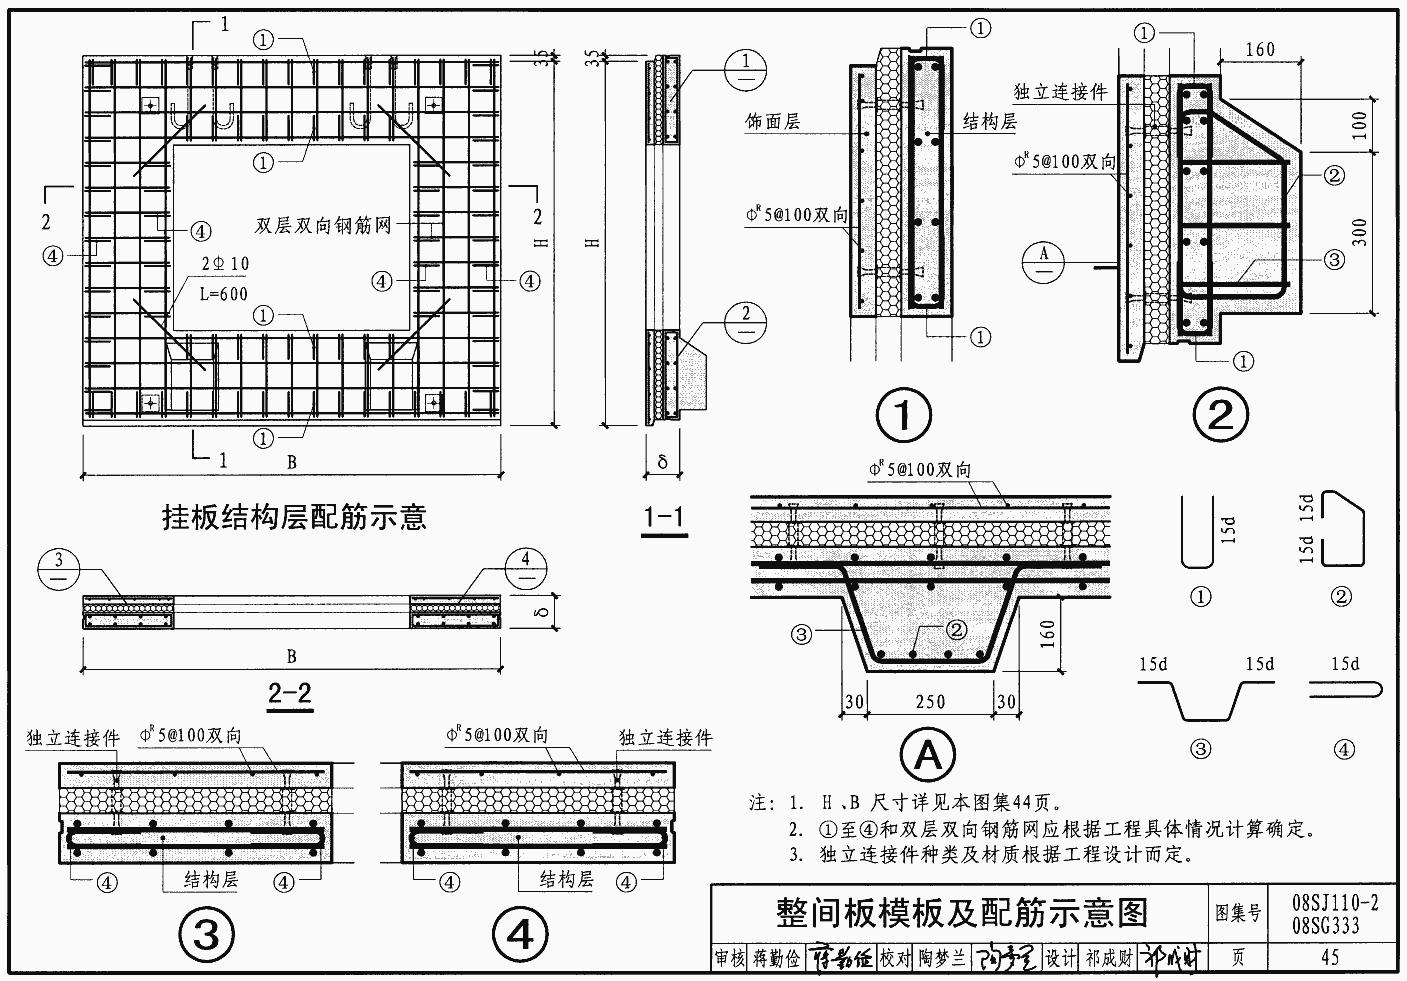 标准建筑公寓设计图集|08SG333/08SJ110-2预老年国家设计平面图图片